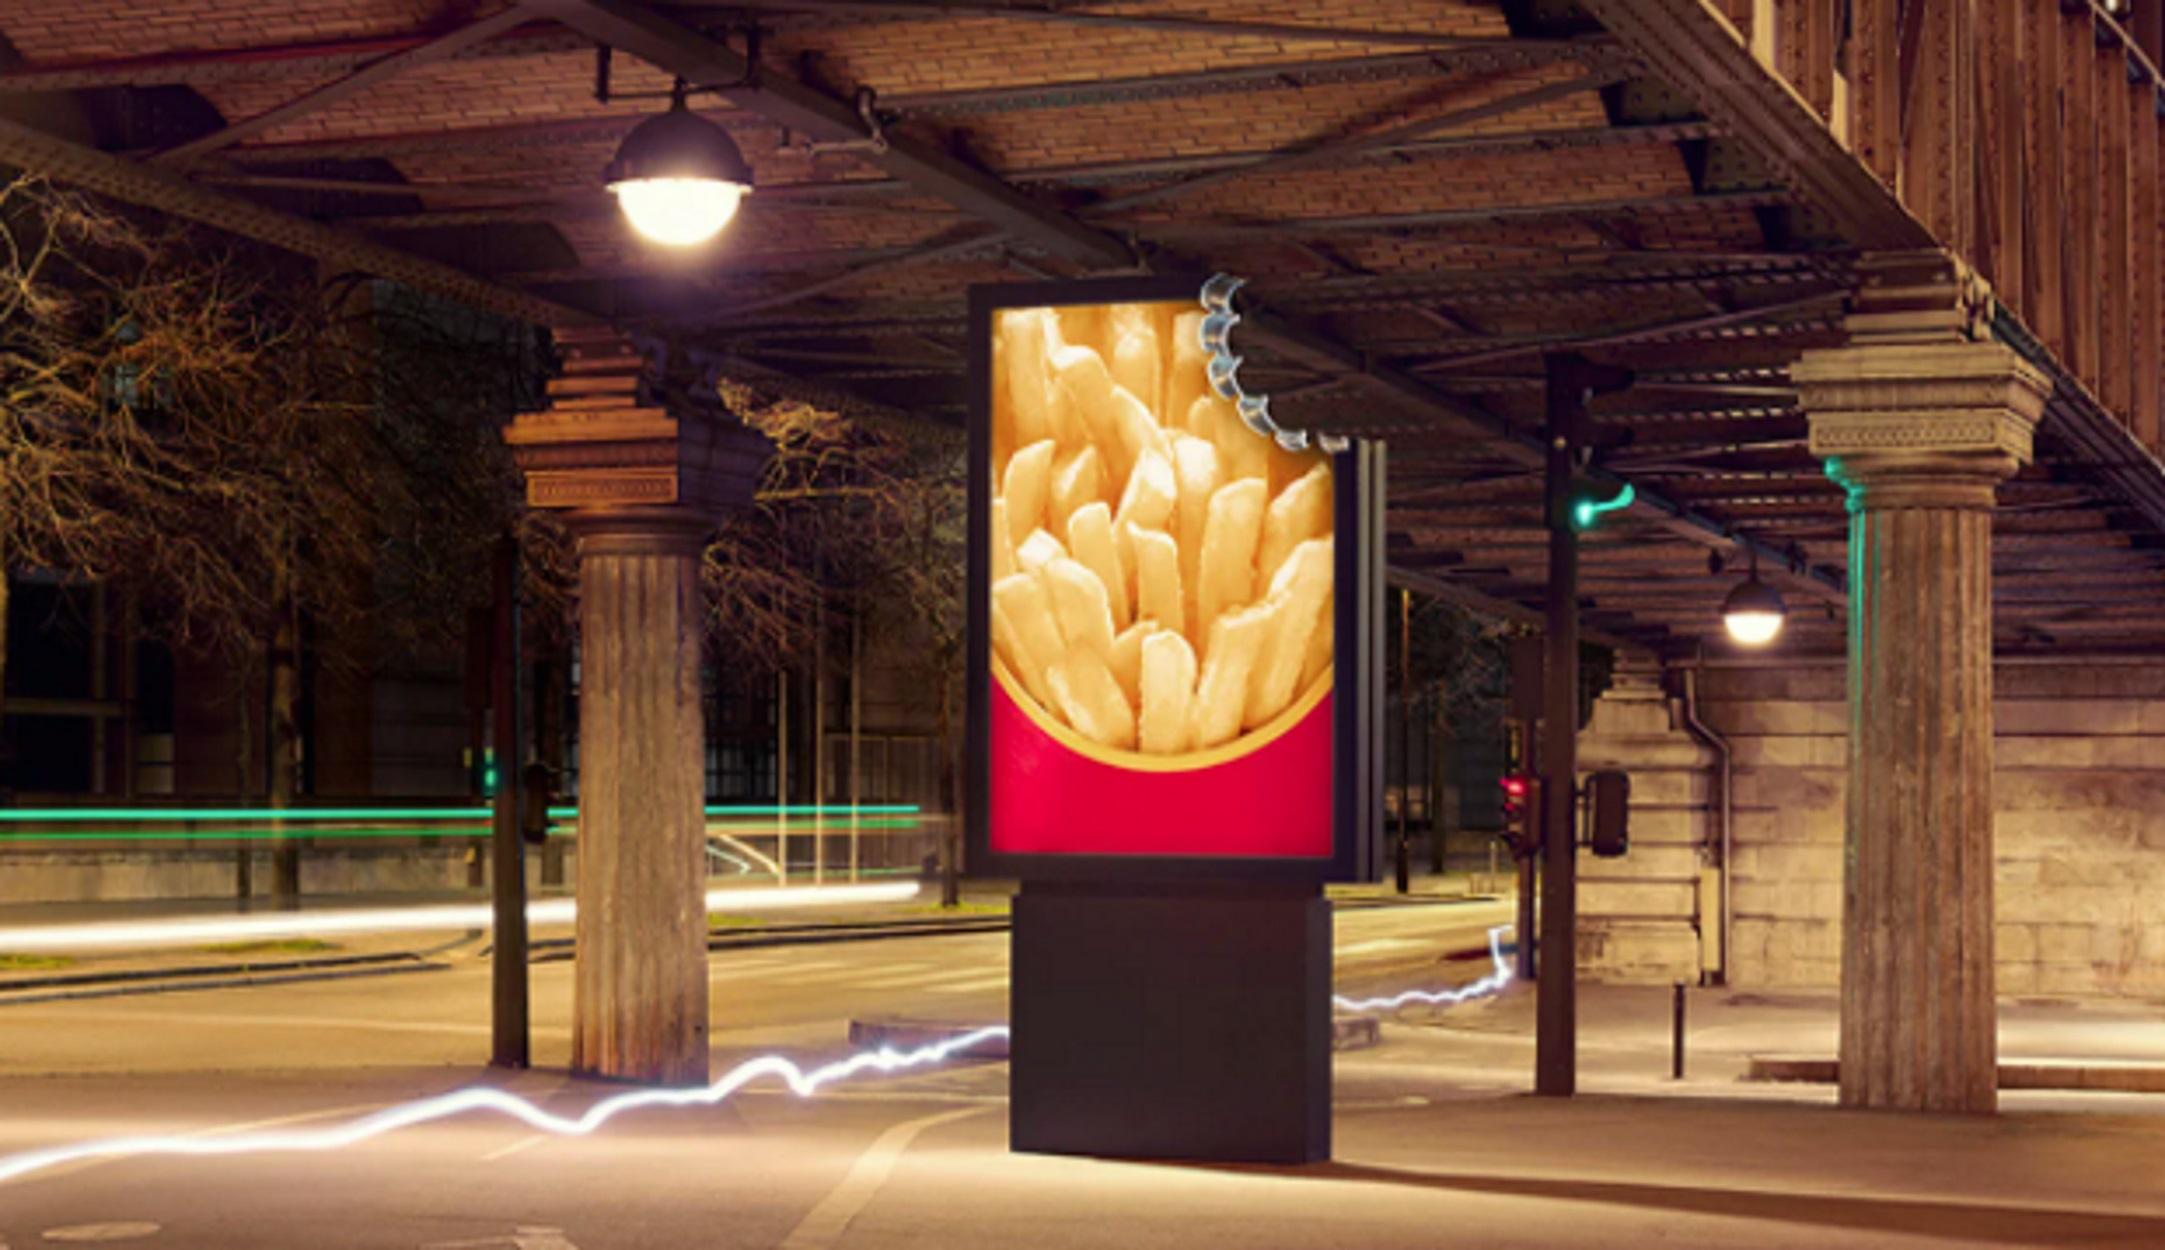 Παρίσι: «Δαγκωμένες Διαφημιστικές Πινακίδες» ανοίγουν την όρεξη